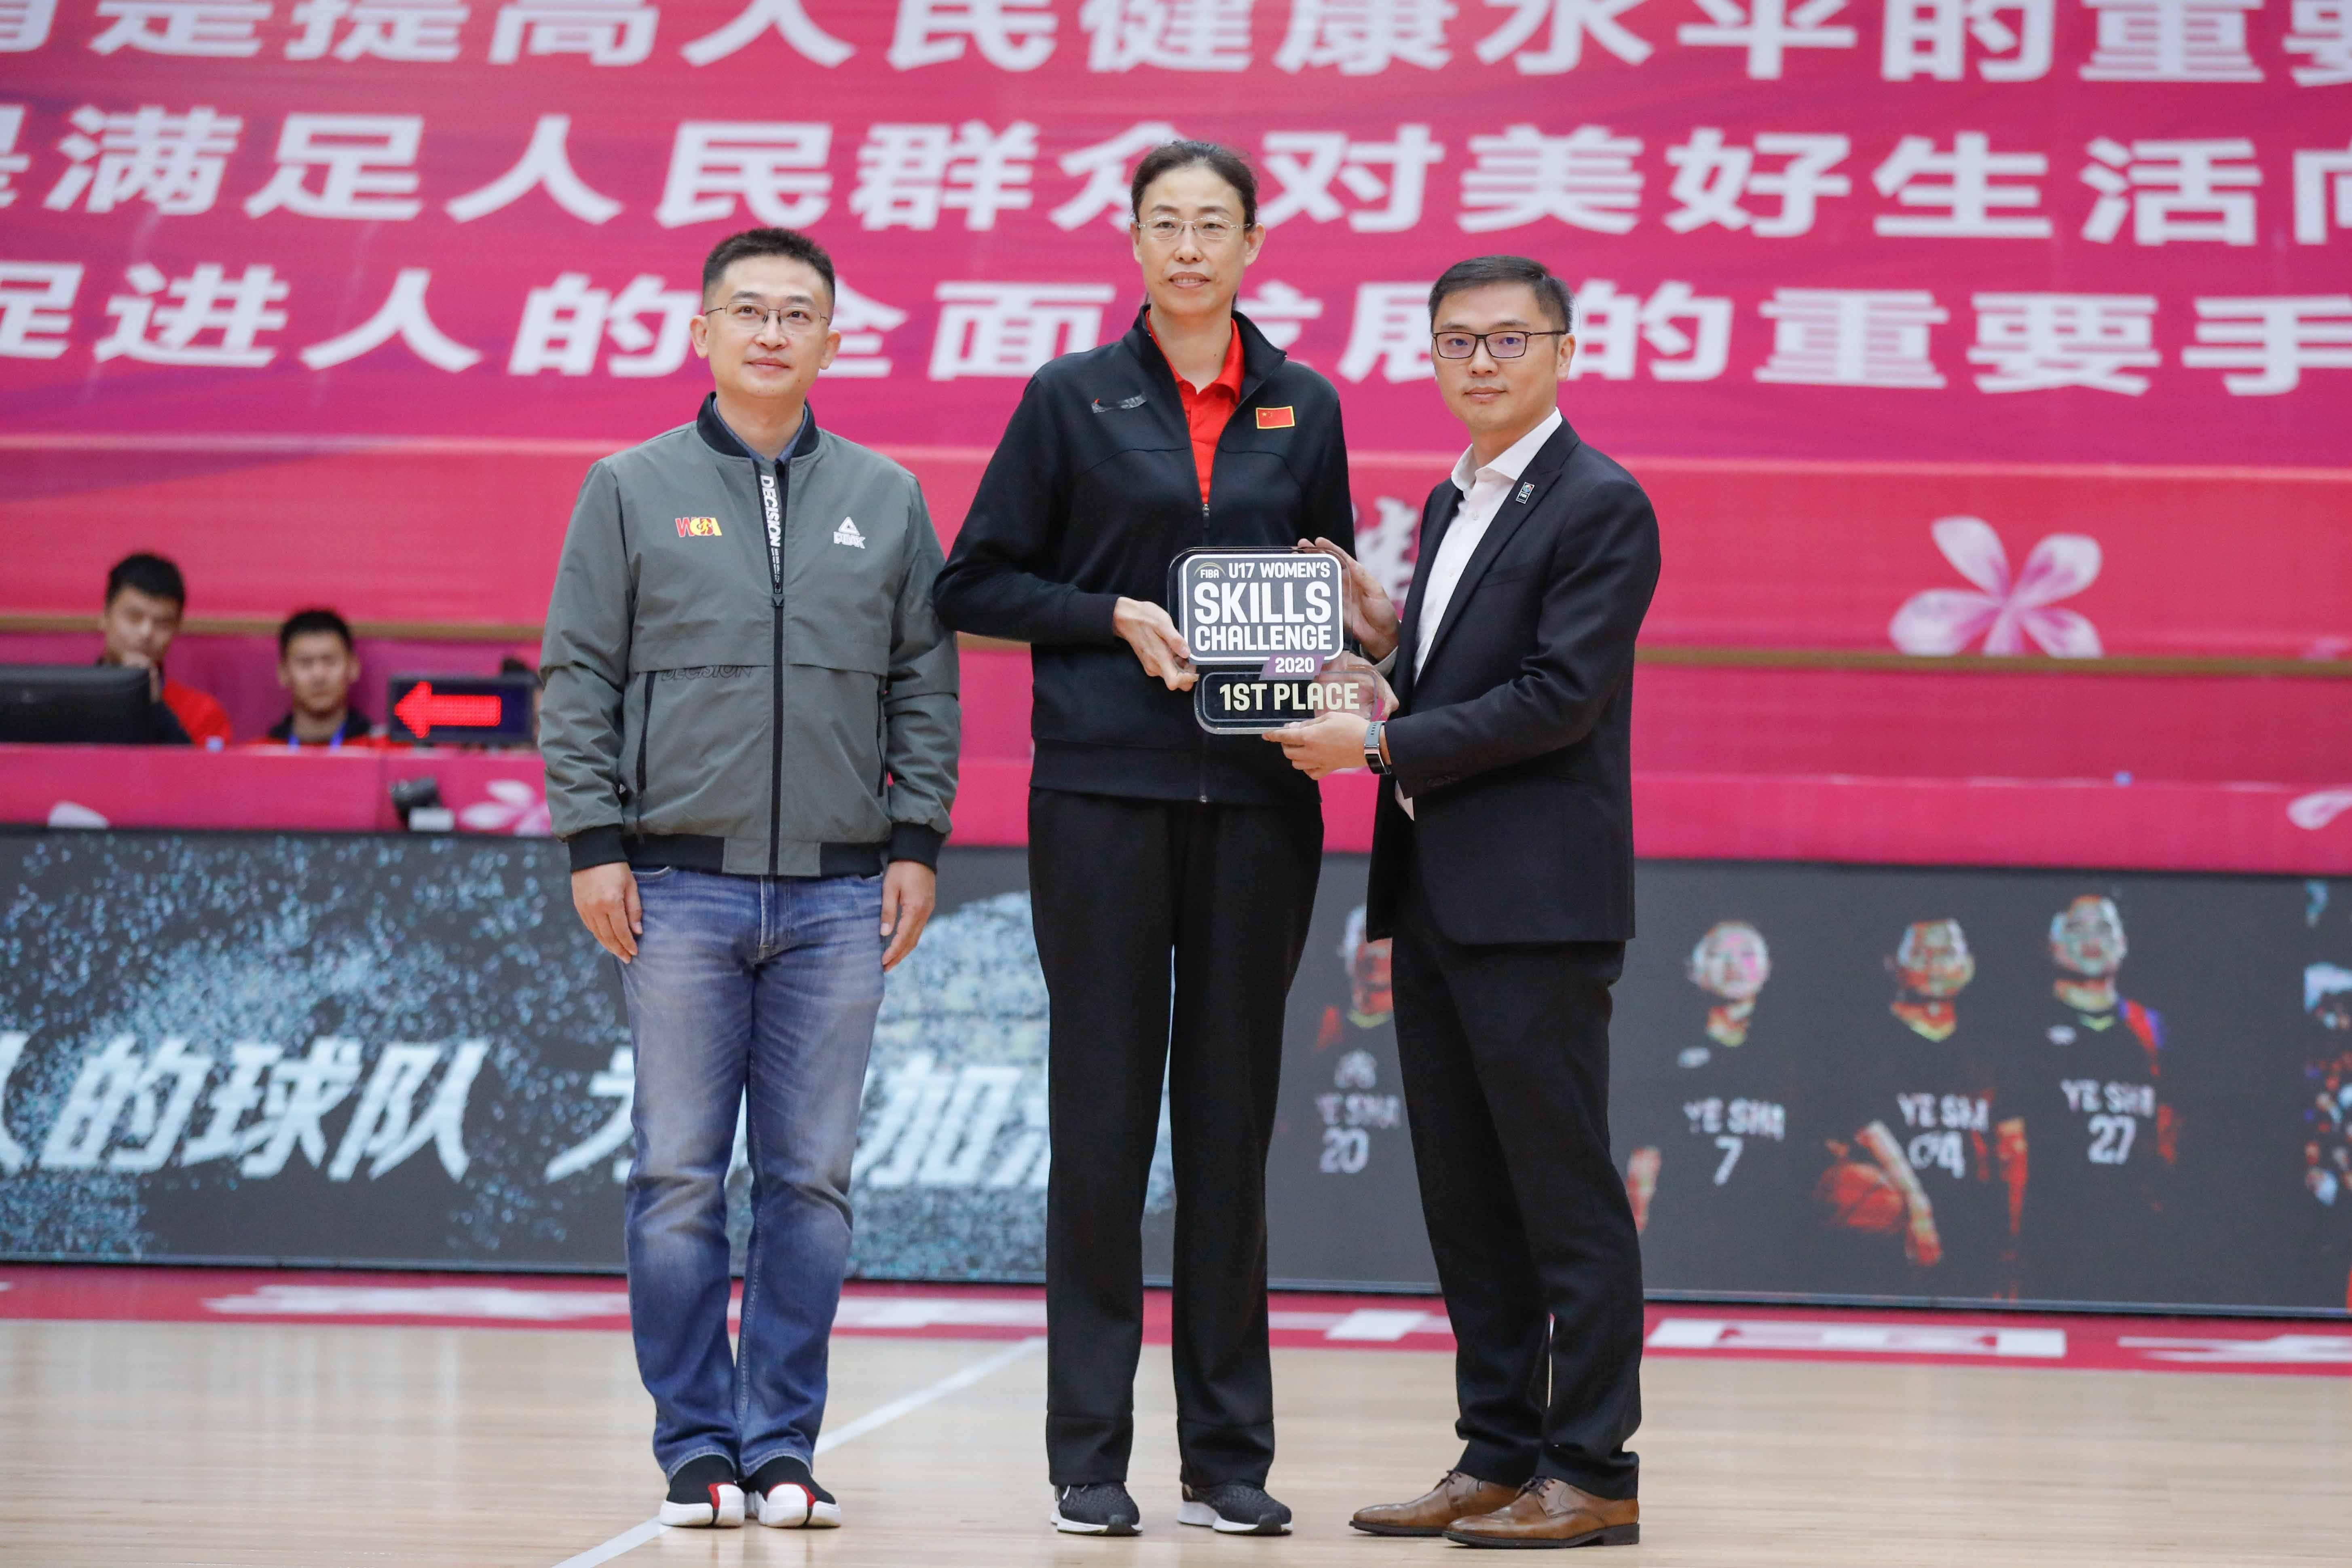 世界篮联U17女篮技巧挑战赛国青女篮夺冠 颁奖仪式成都举办